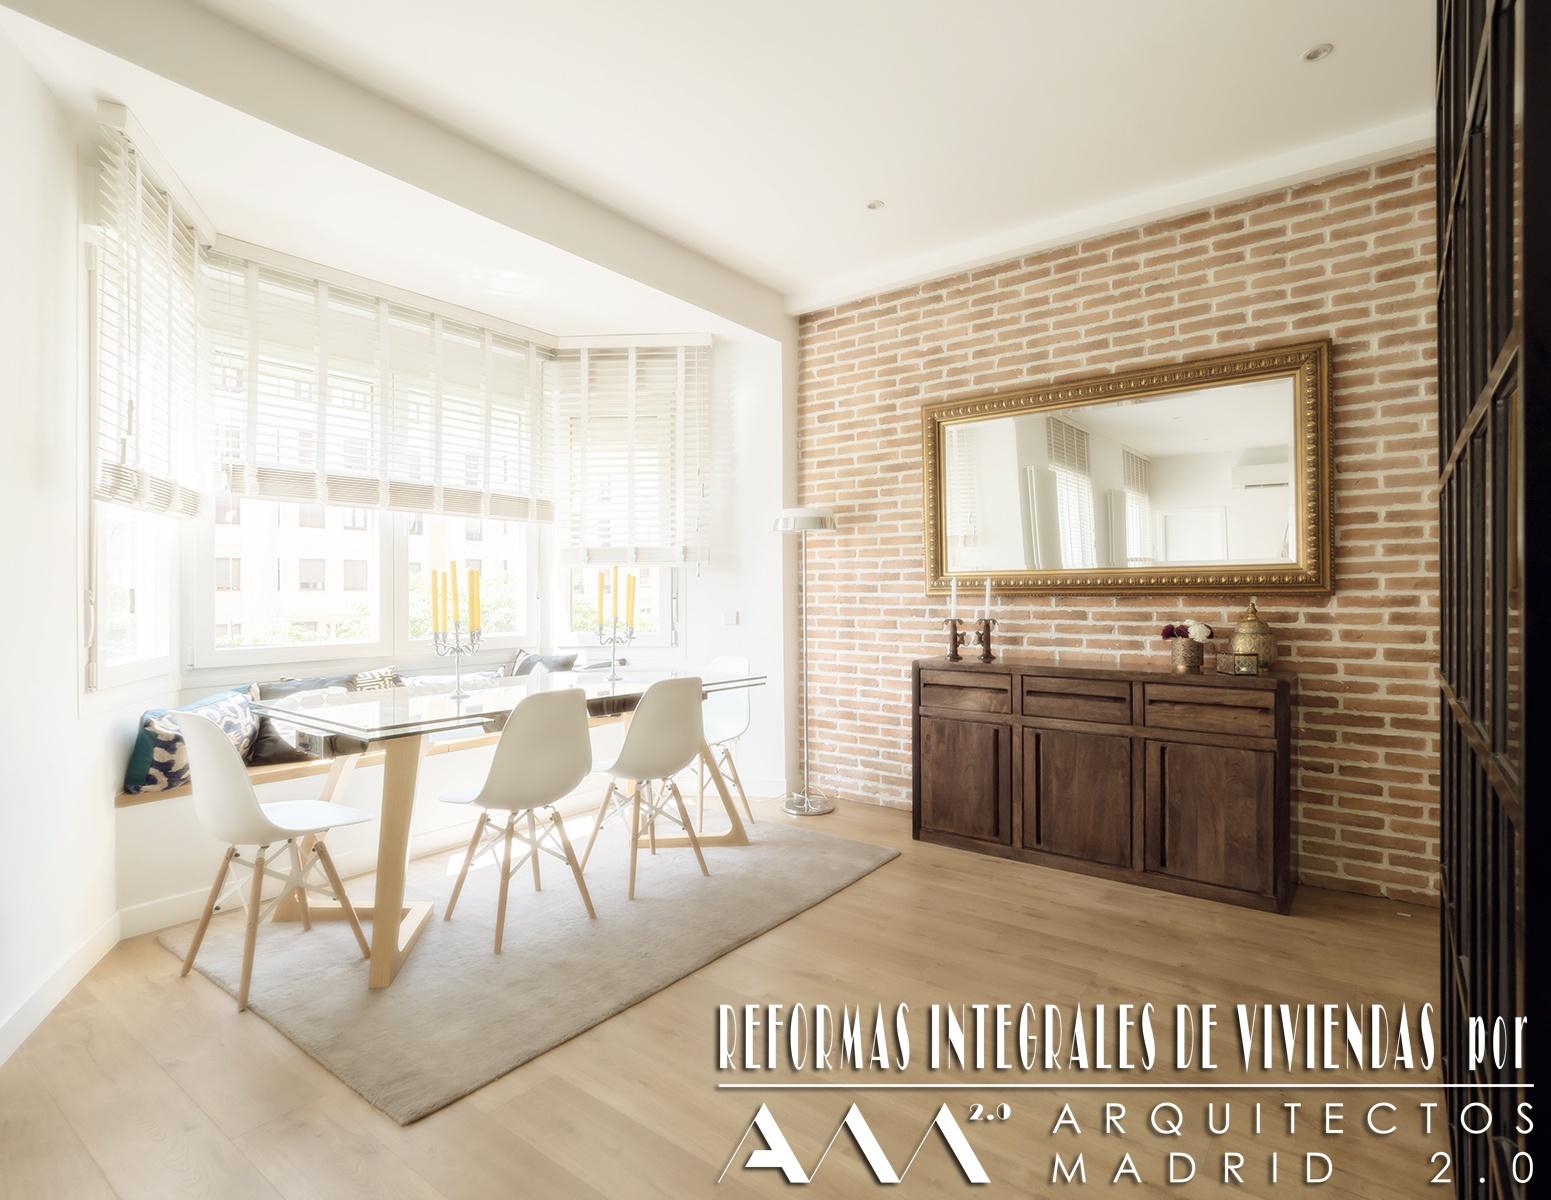 decoracion-interiores-reforma-estilo-eclectico-fusion-arquitectos